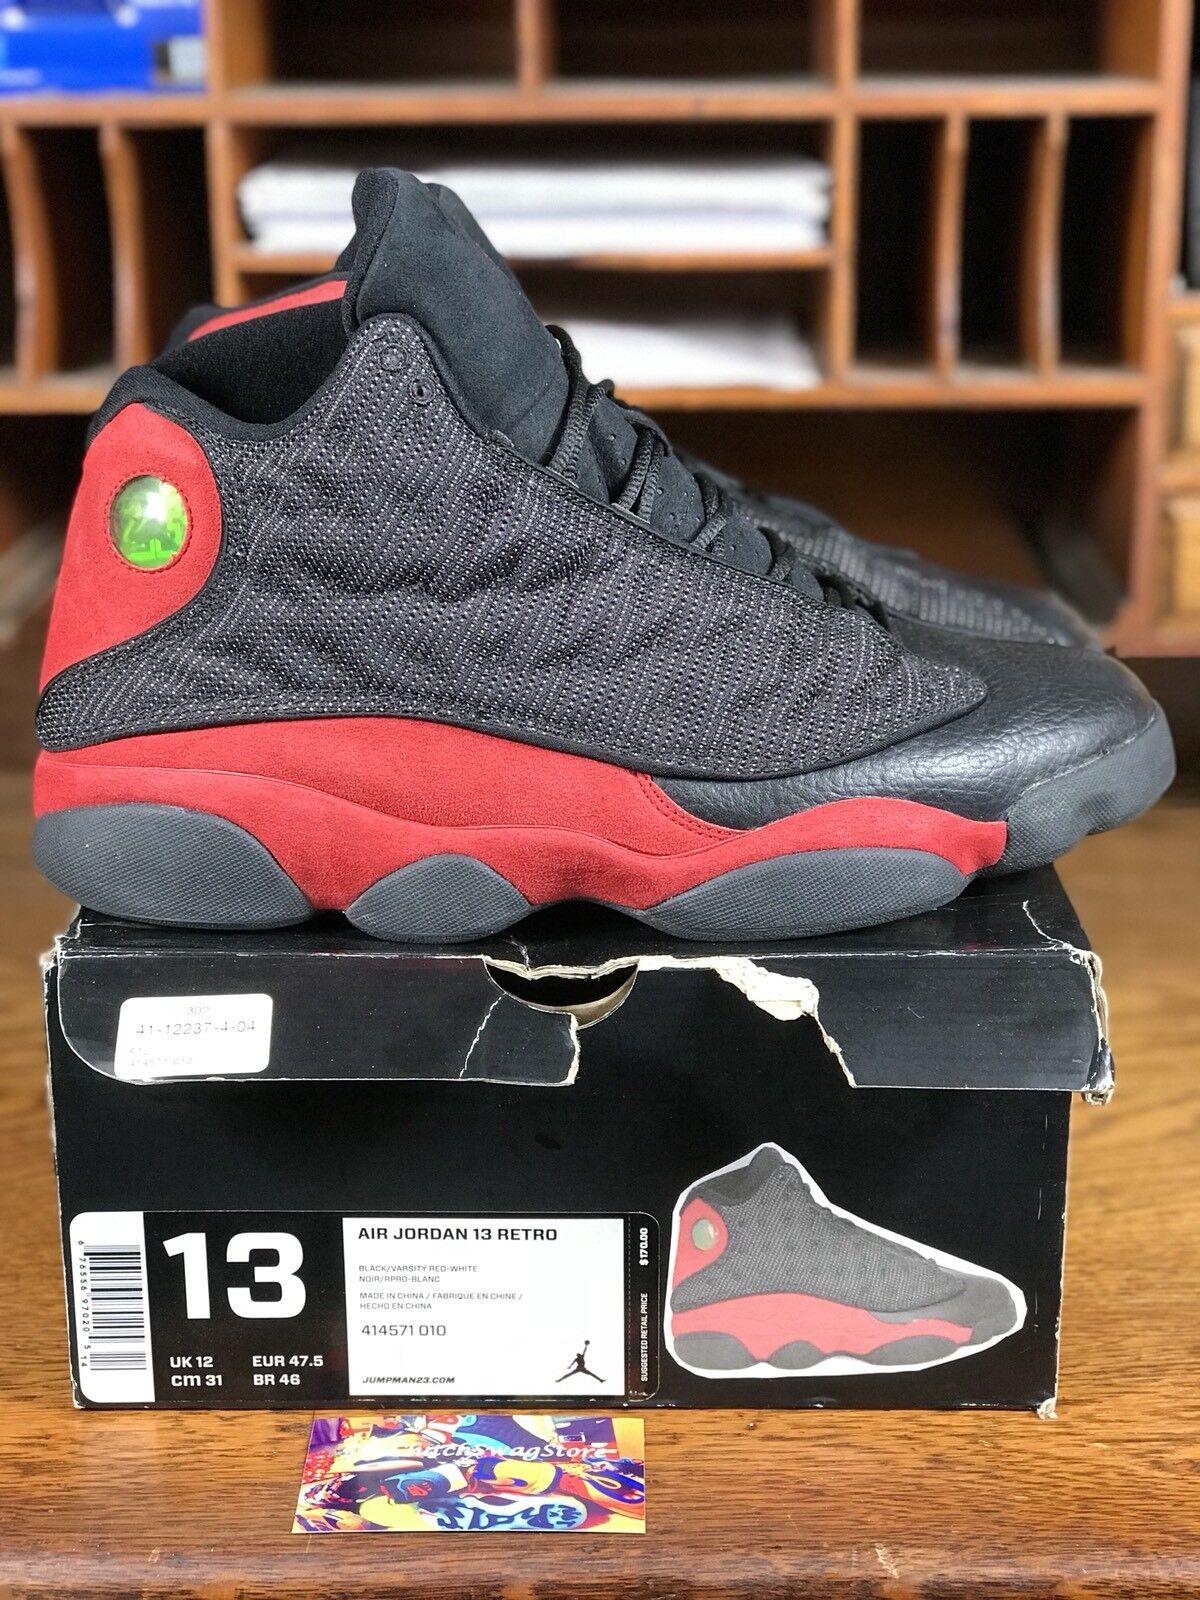 2013 Nike Air Jordan 13 Retro Black/Red